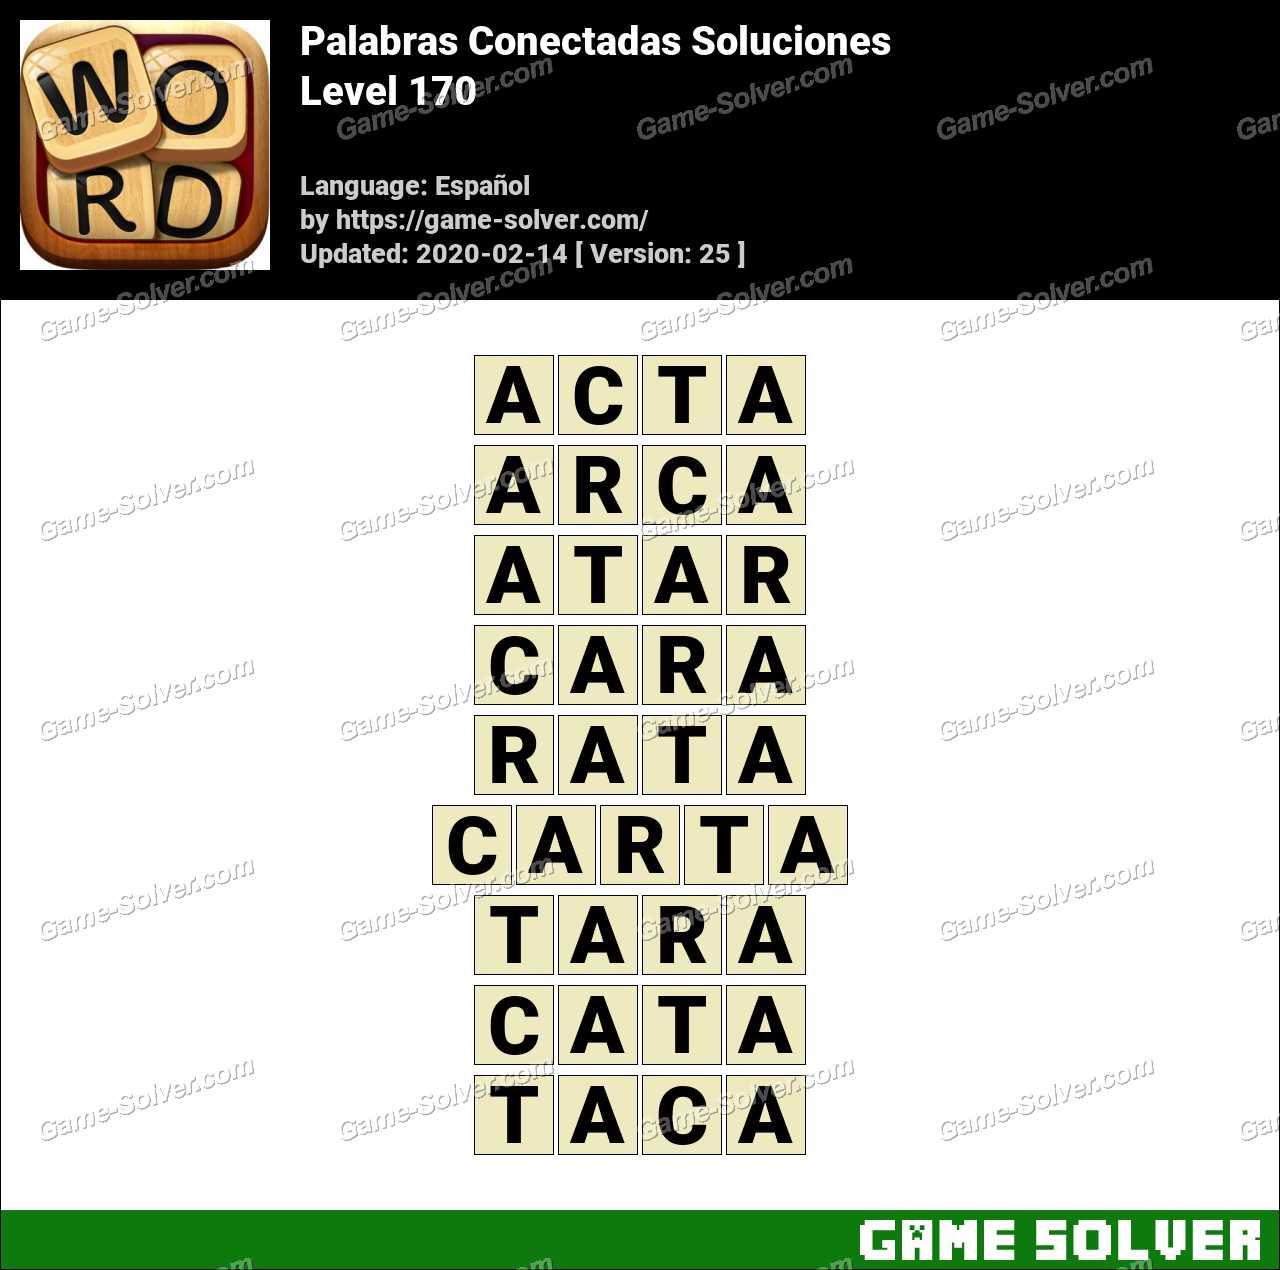 Palabras Conectadas Nivel 170 Soluciones